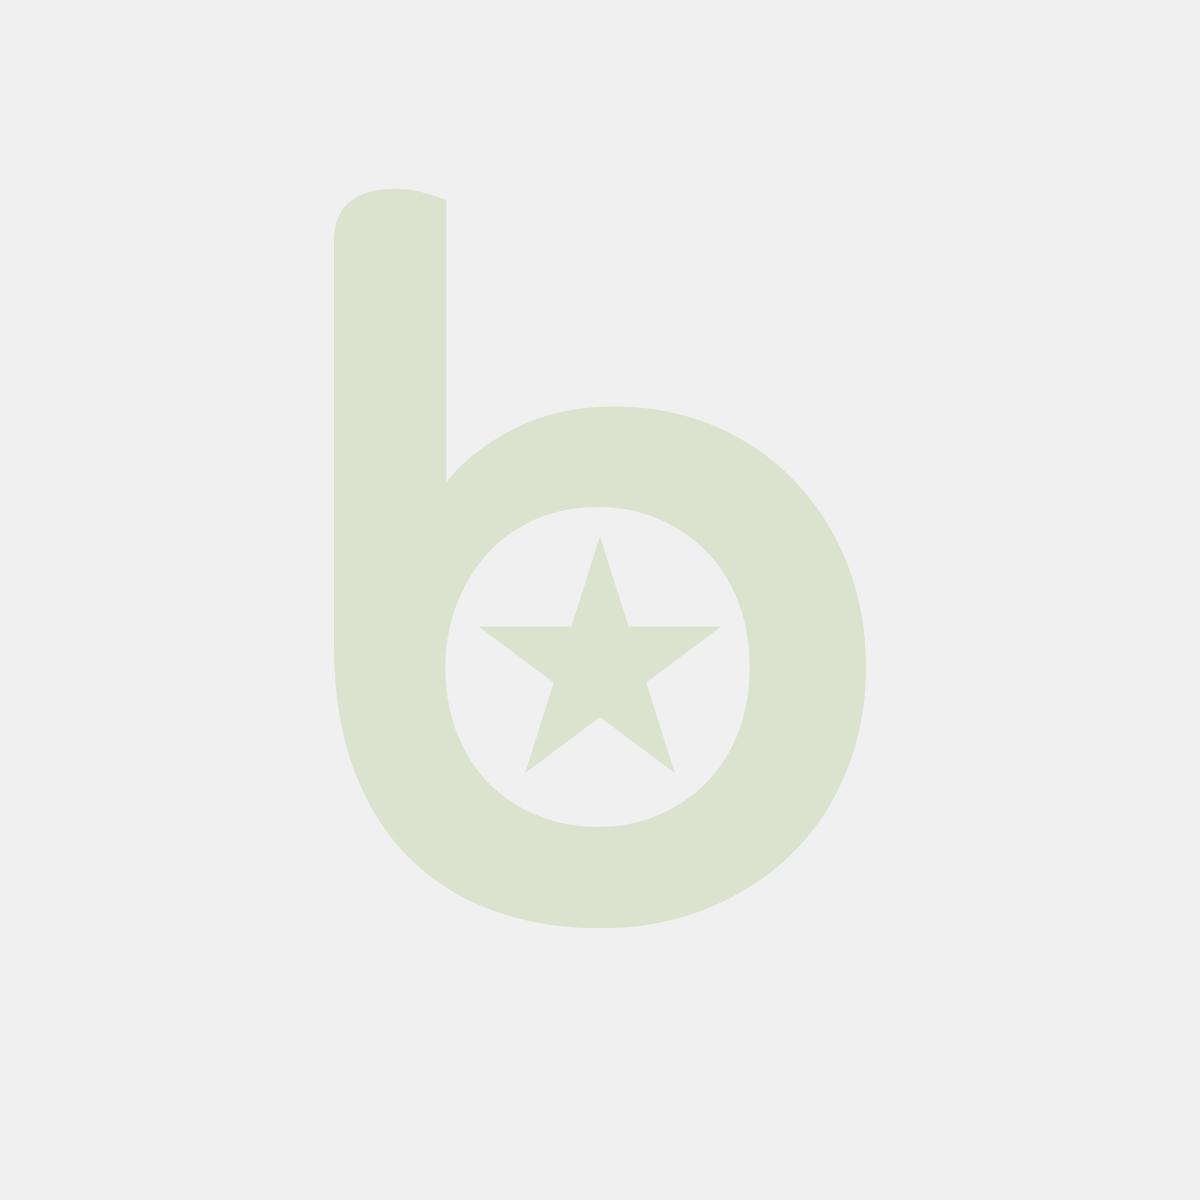 Patelnia Profi Lline ze stali z uchwytami śr. 460 - kod 622308